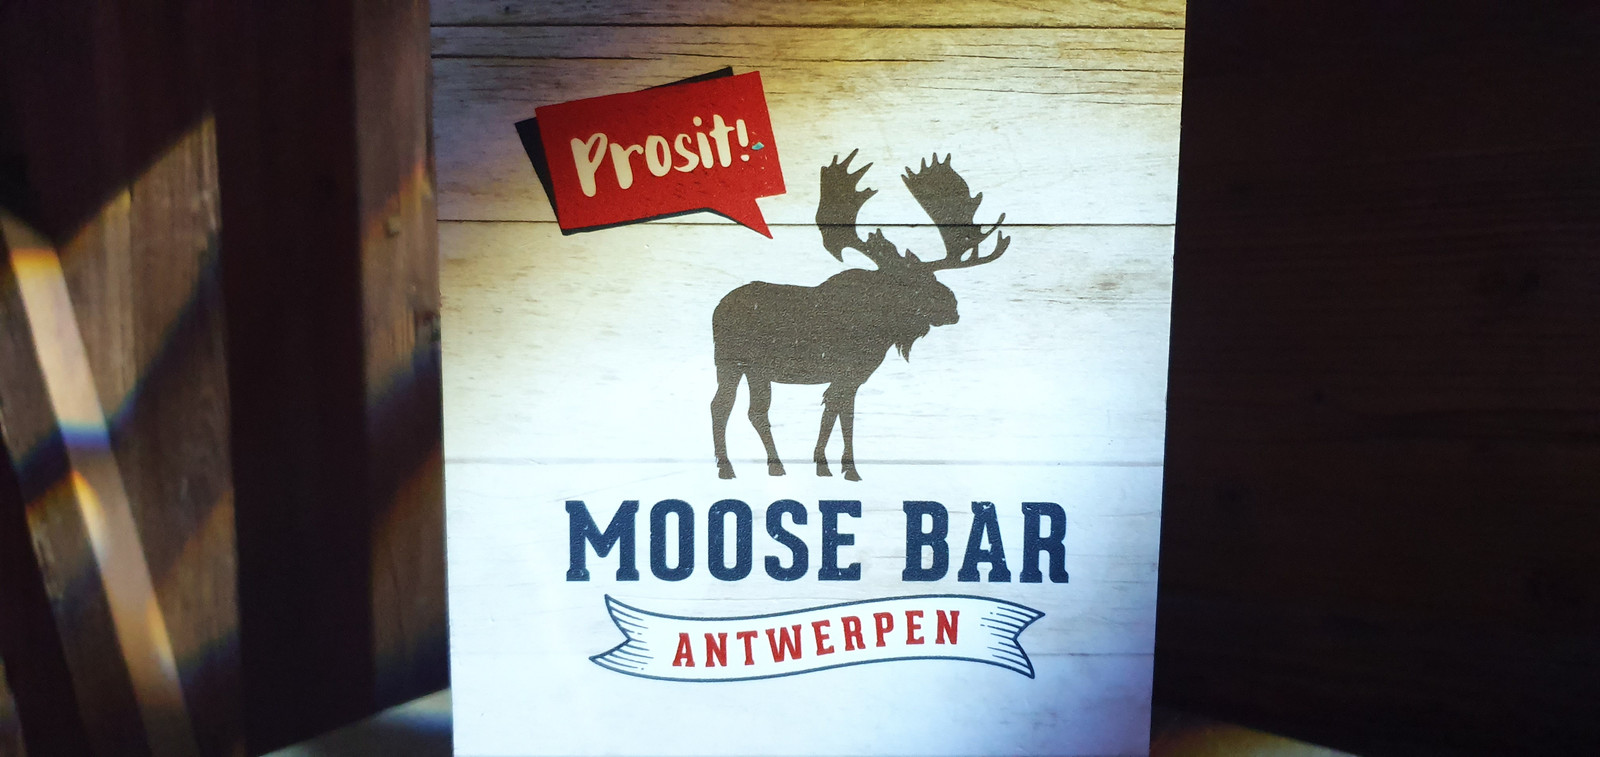 De Moose Bar in Antwerpen.